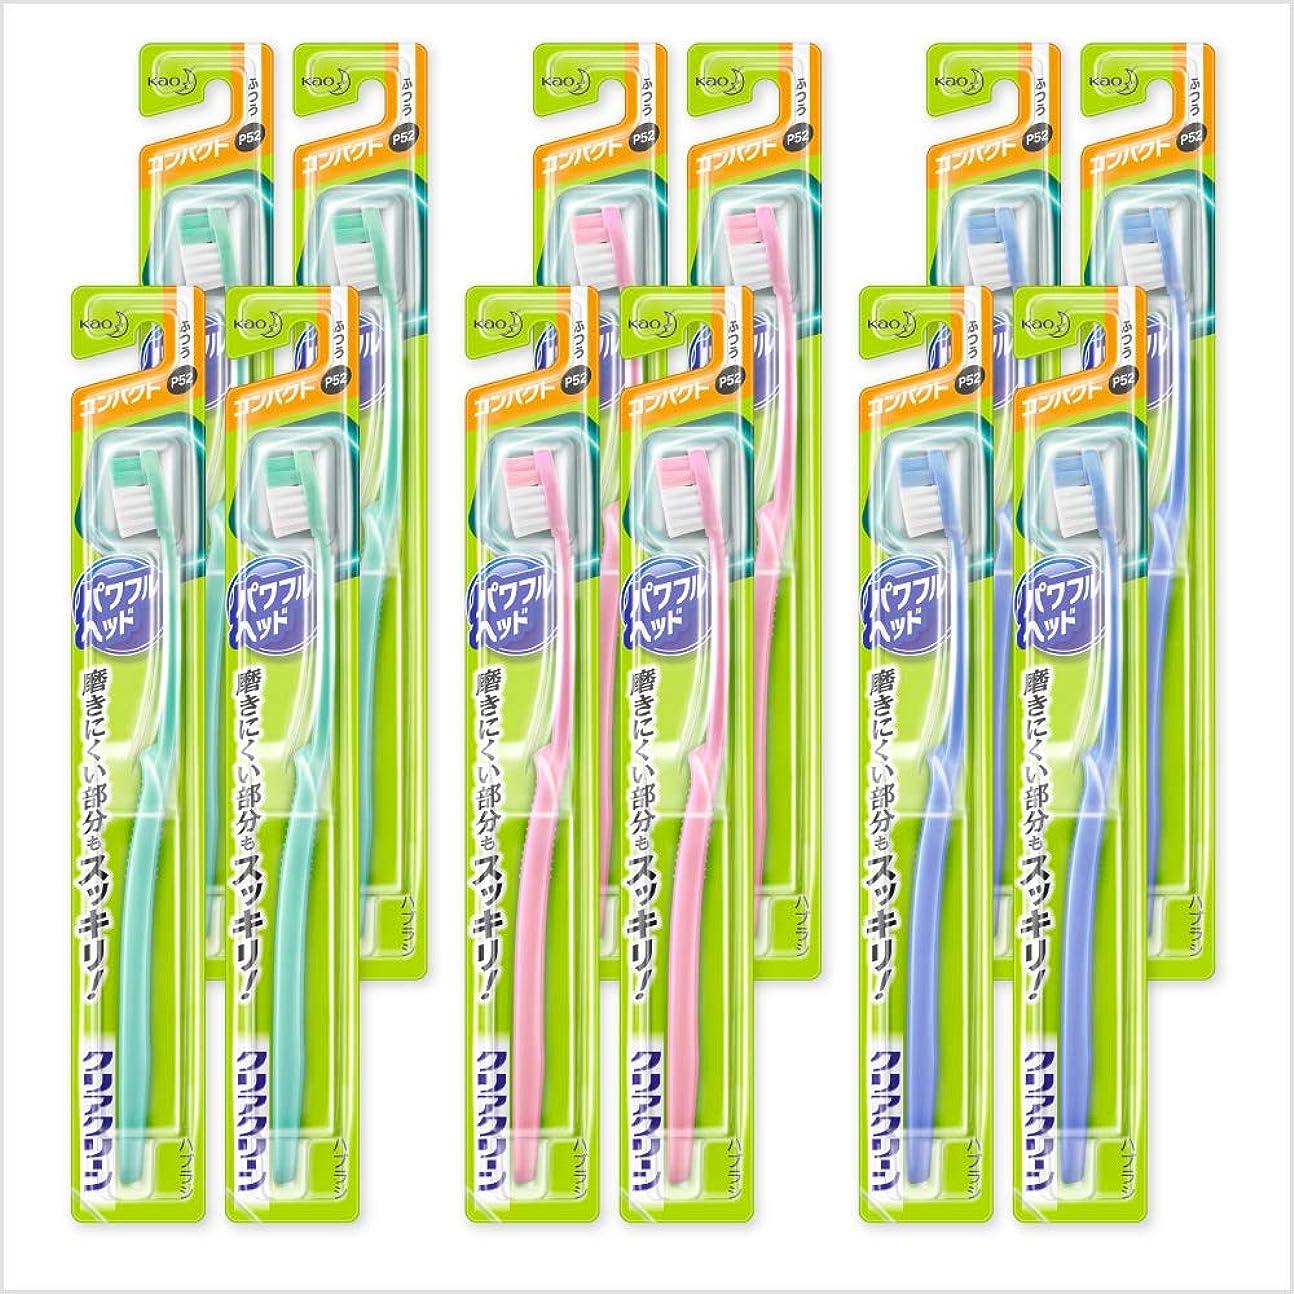 消費可動緑【まとめ買い】クリアクリーン パワフルヘッド コンパクト ふつう 12本セット